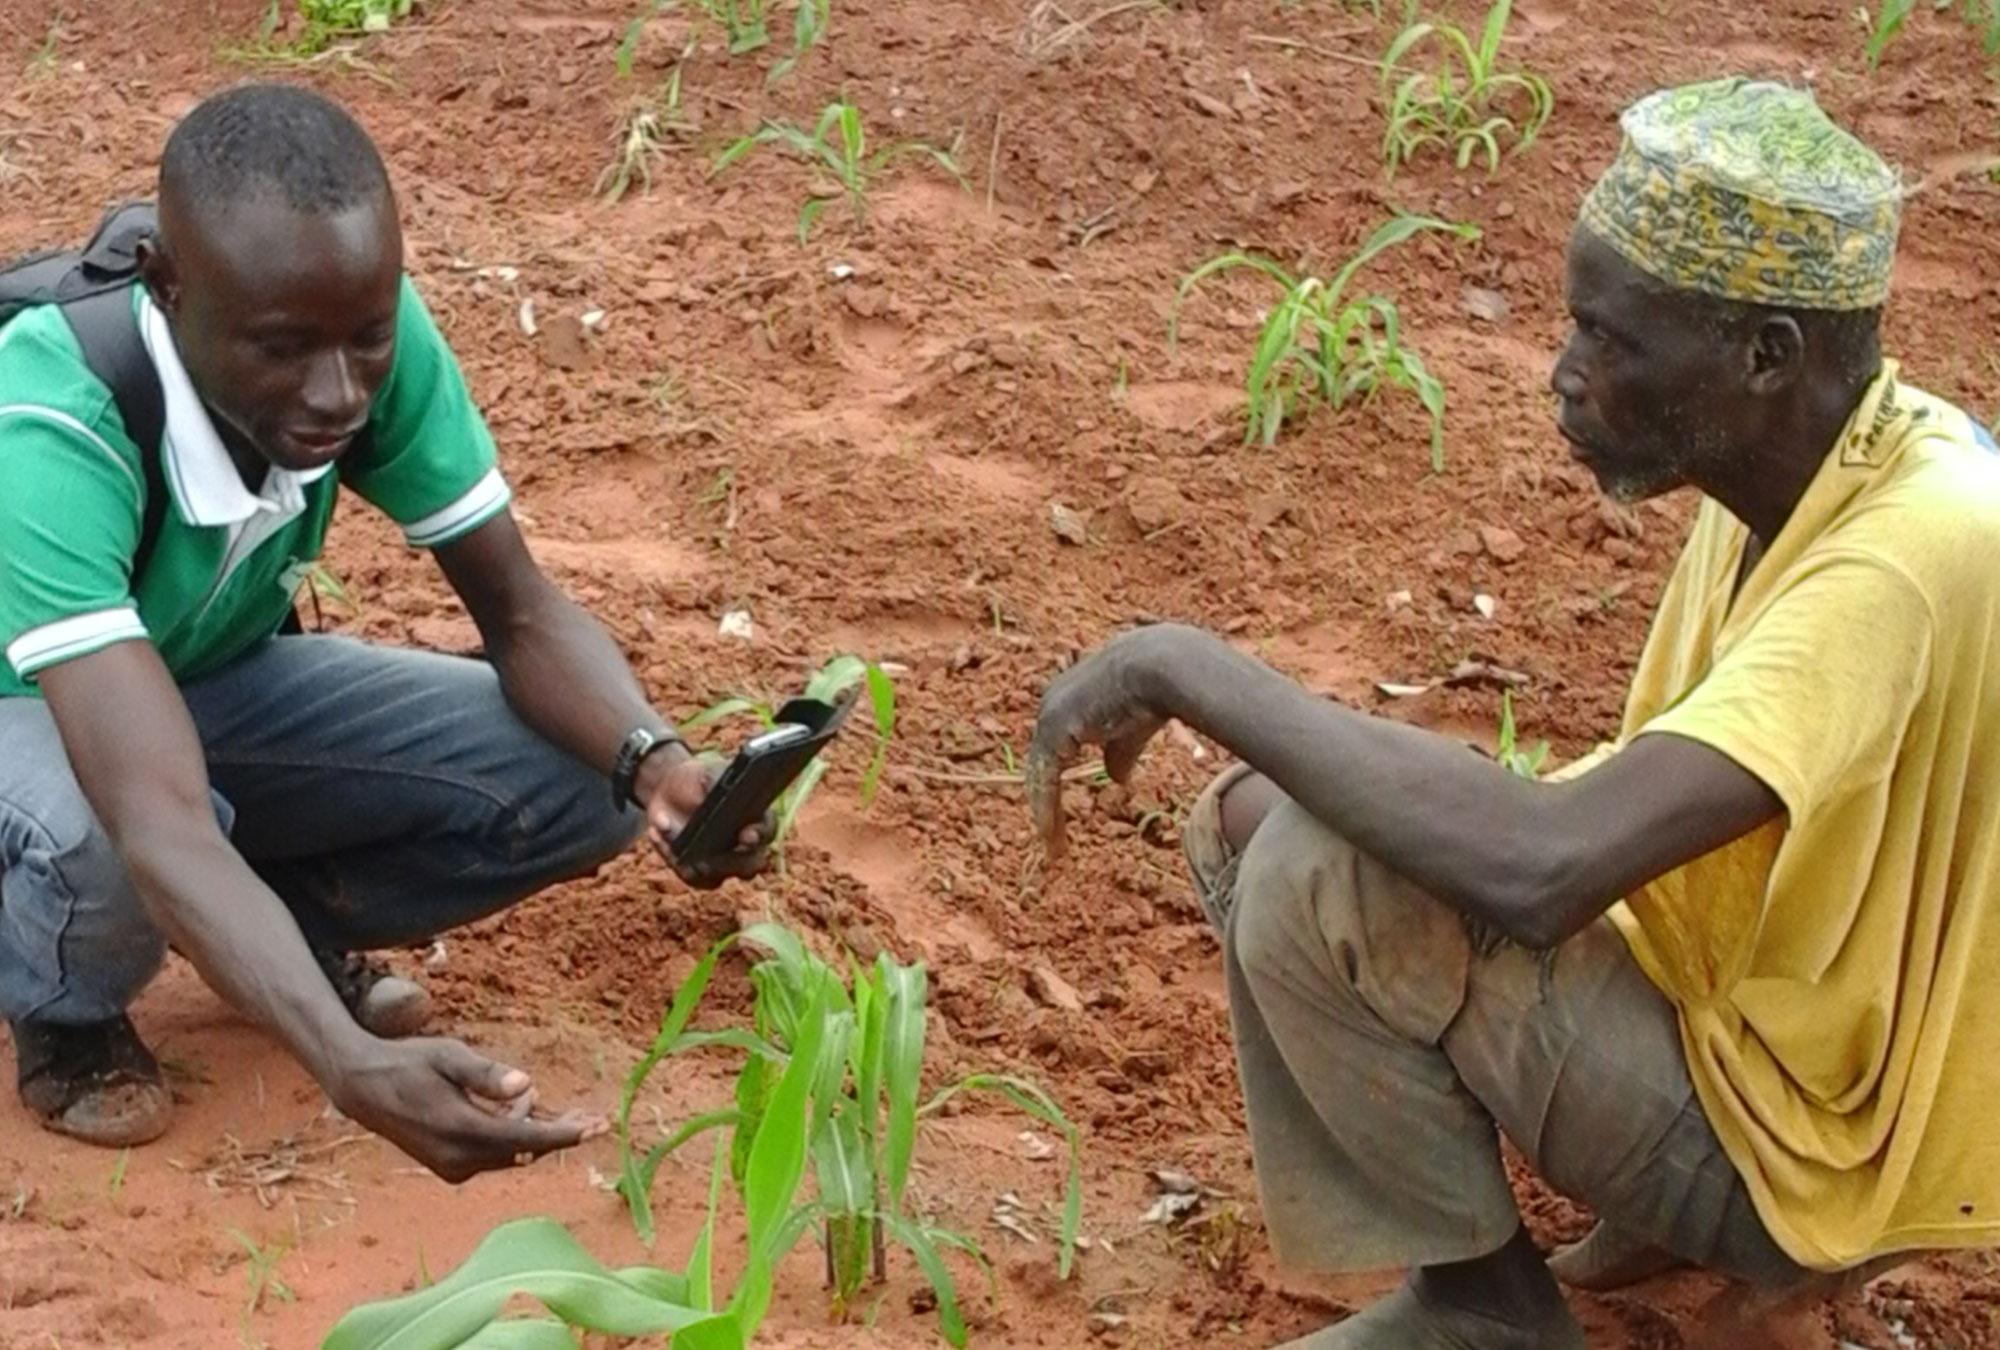 Two men kneel down to inspect crop